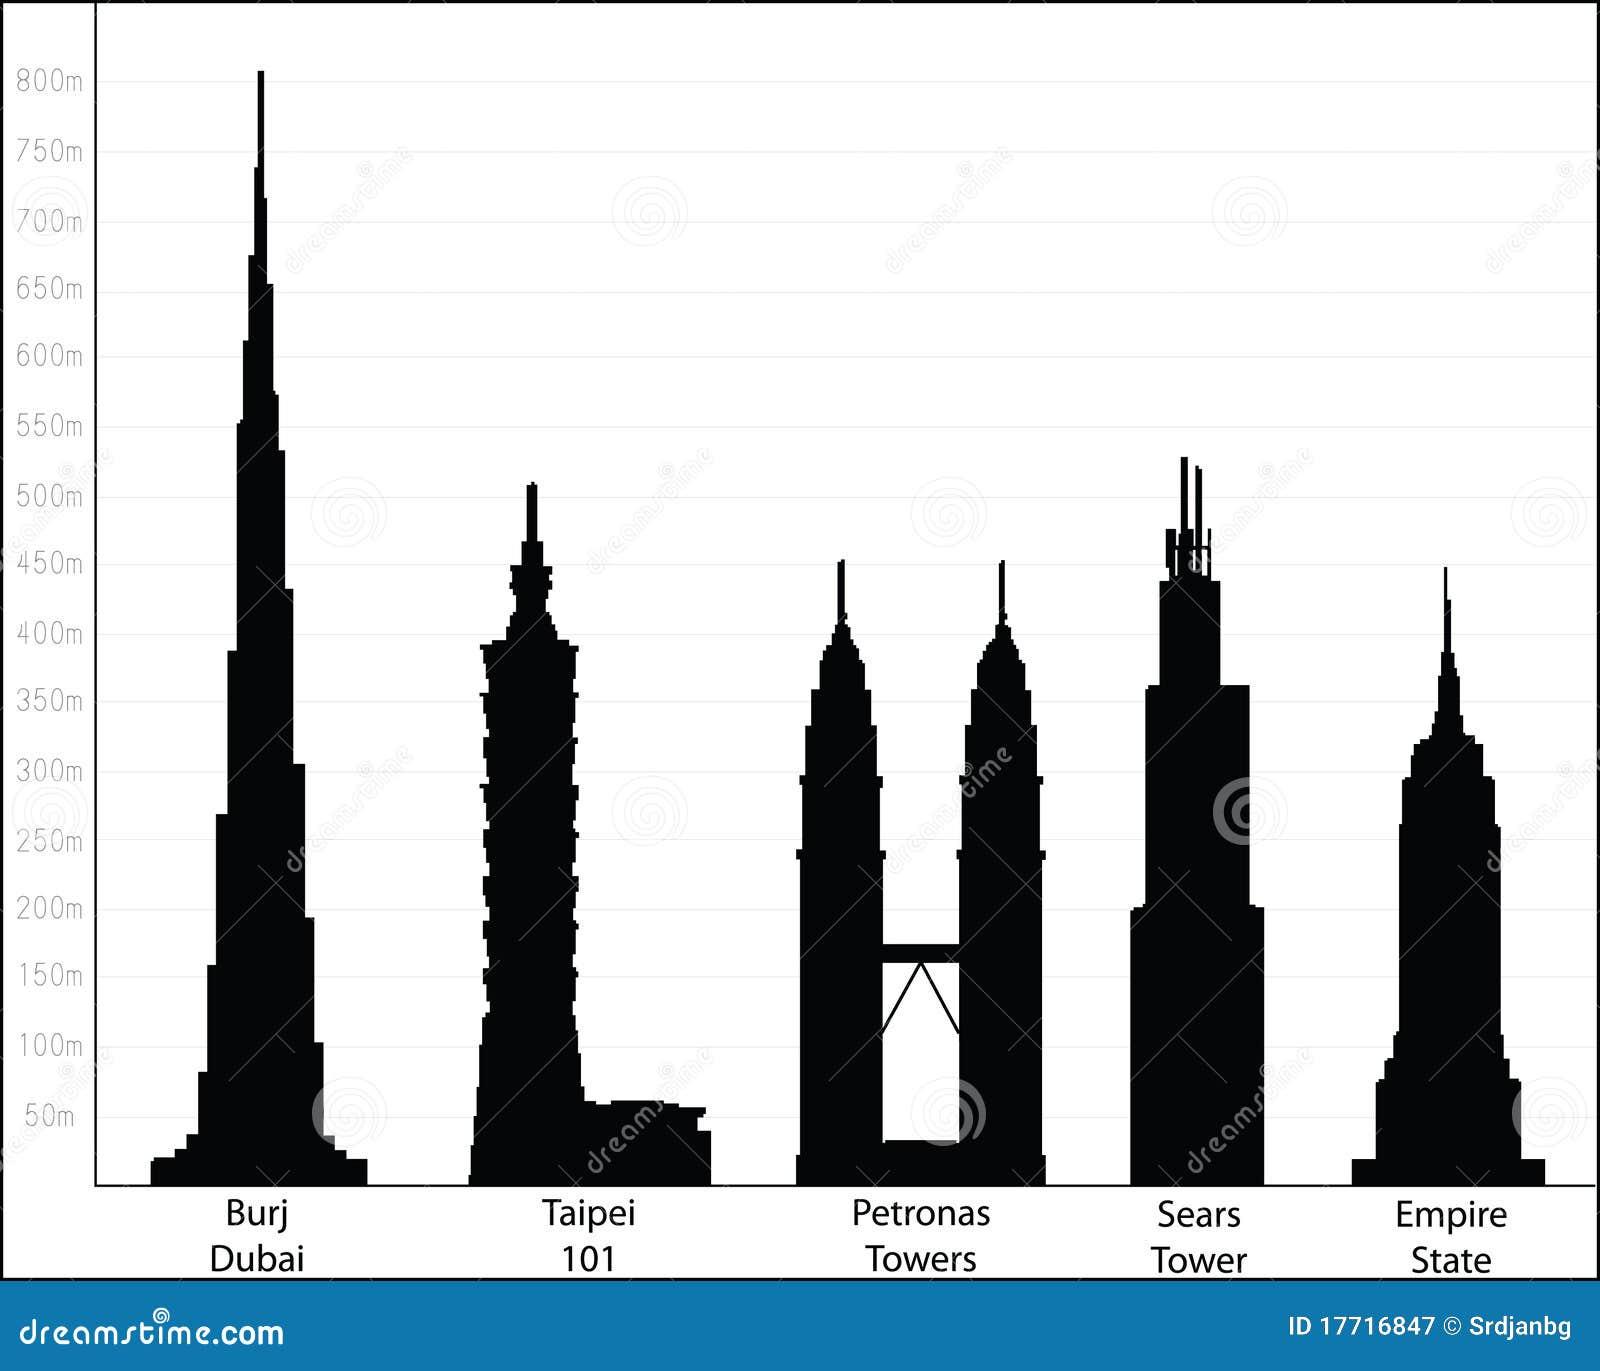 Quelle Est La Hauteur De L Empire State Building